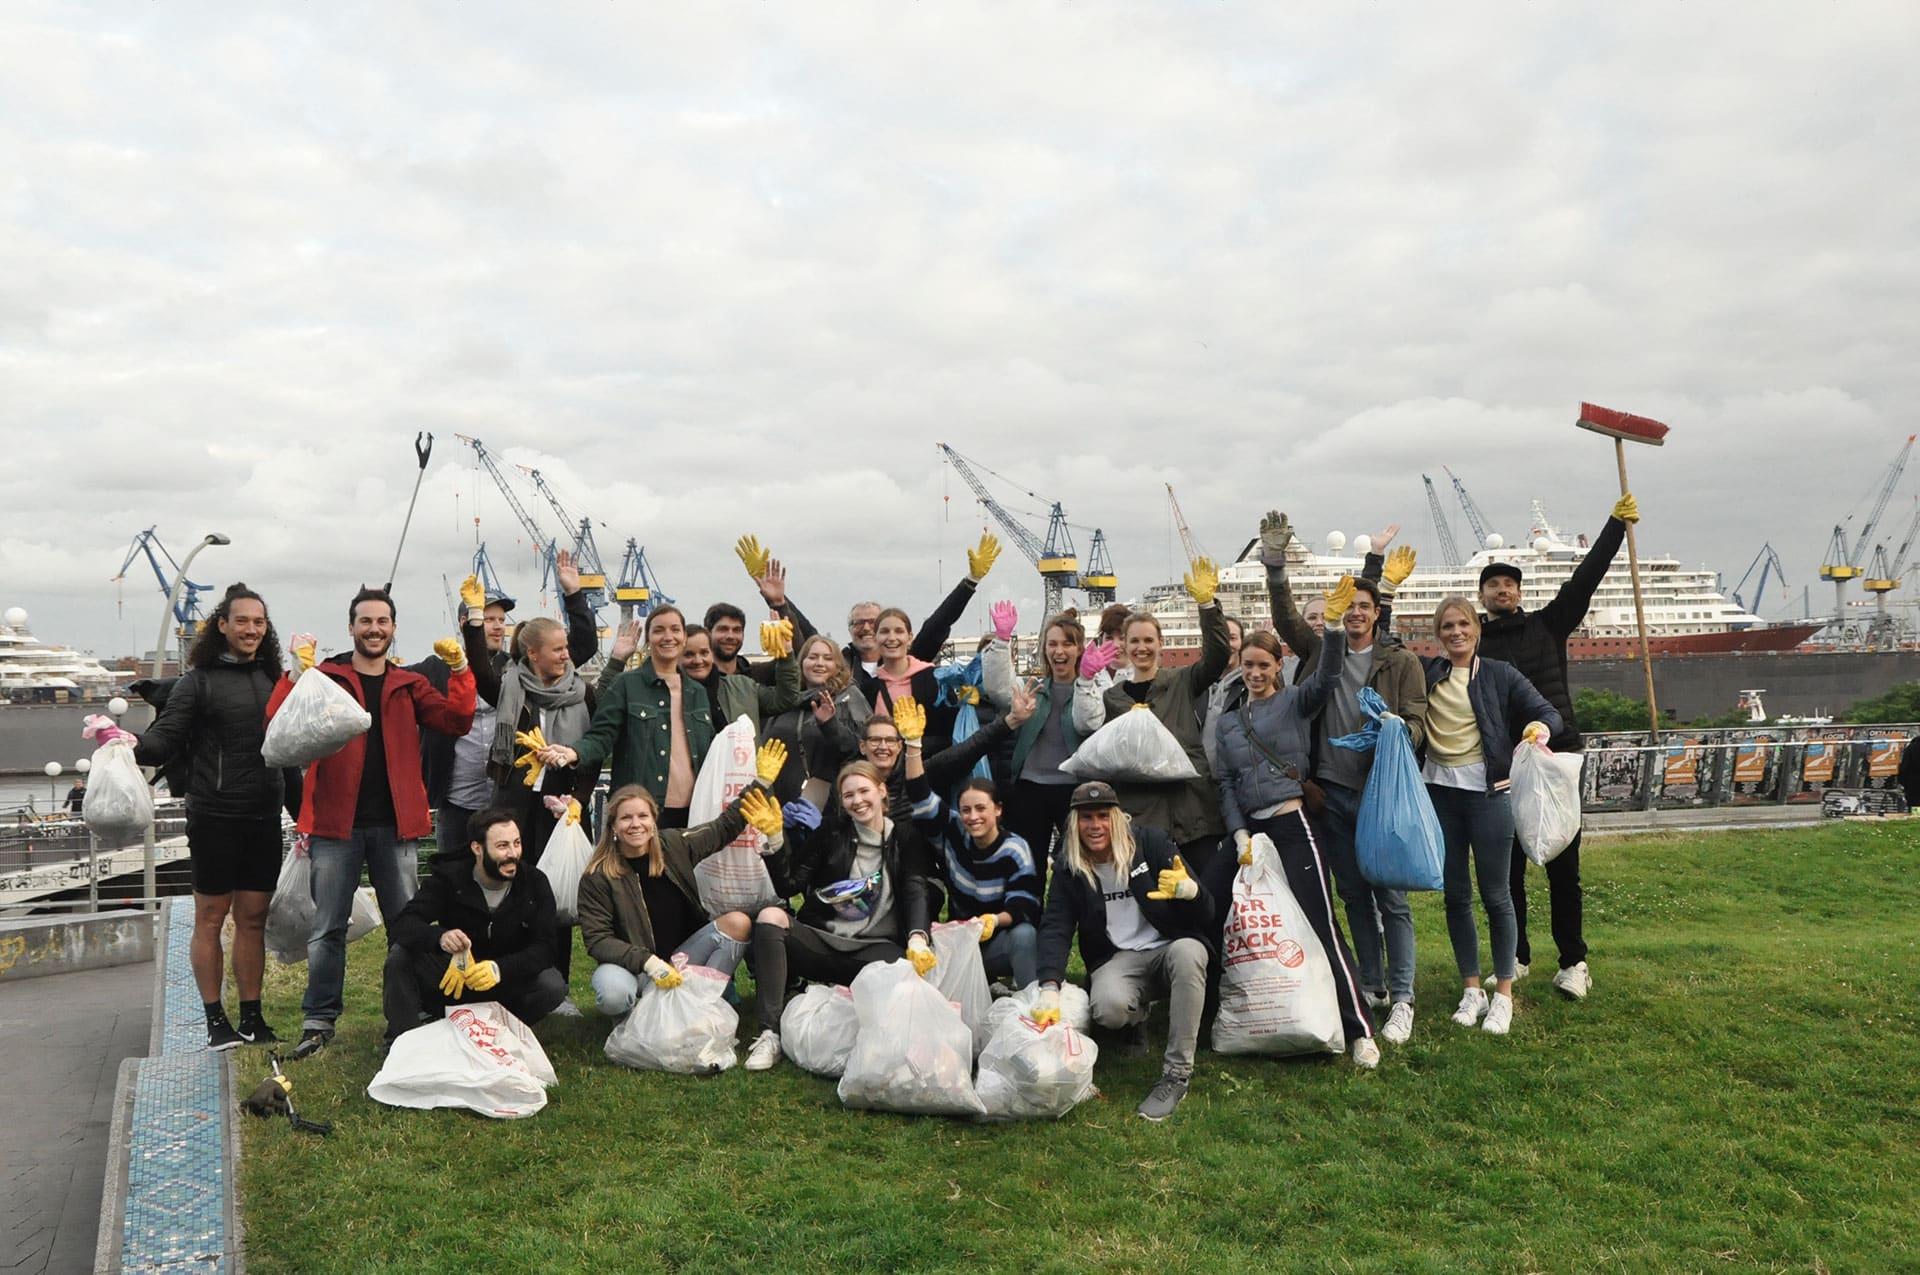 Müllsammeln Hamburg - Für ein sauberes Hamburg: Oclean gegen Plastik